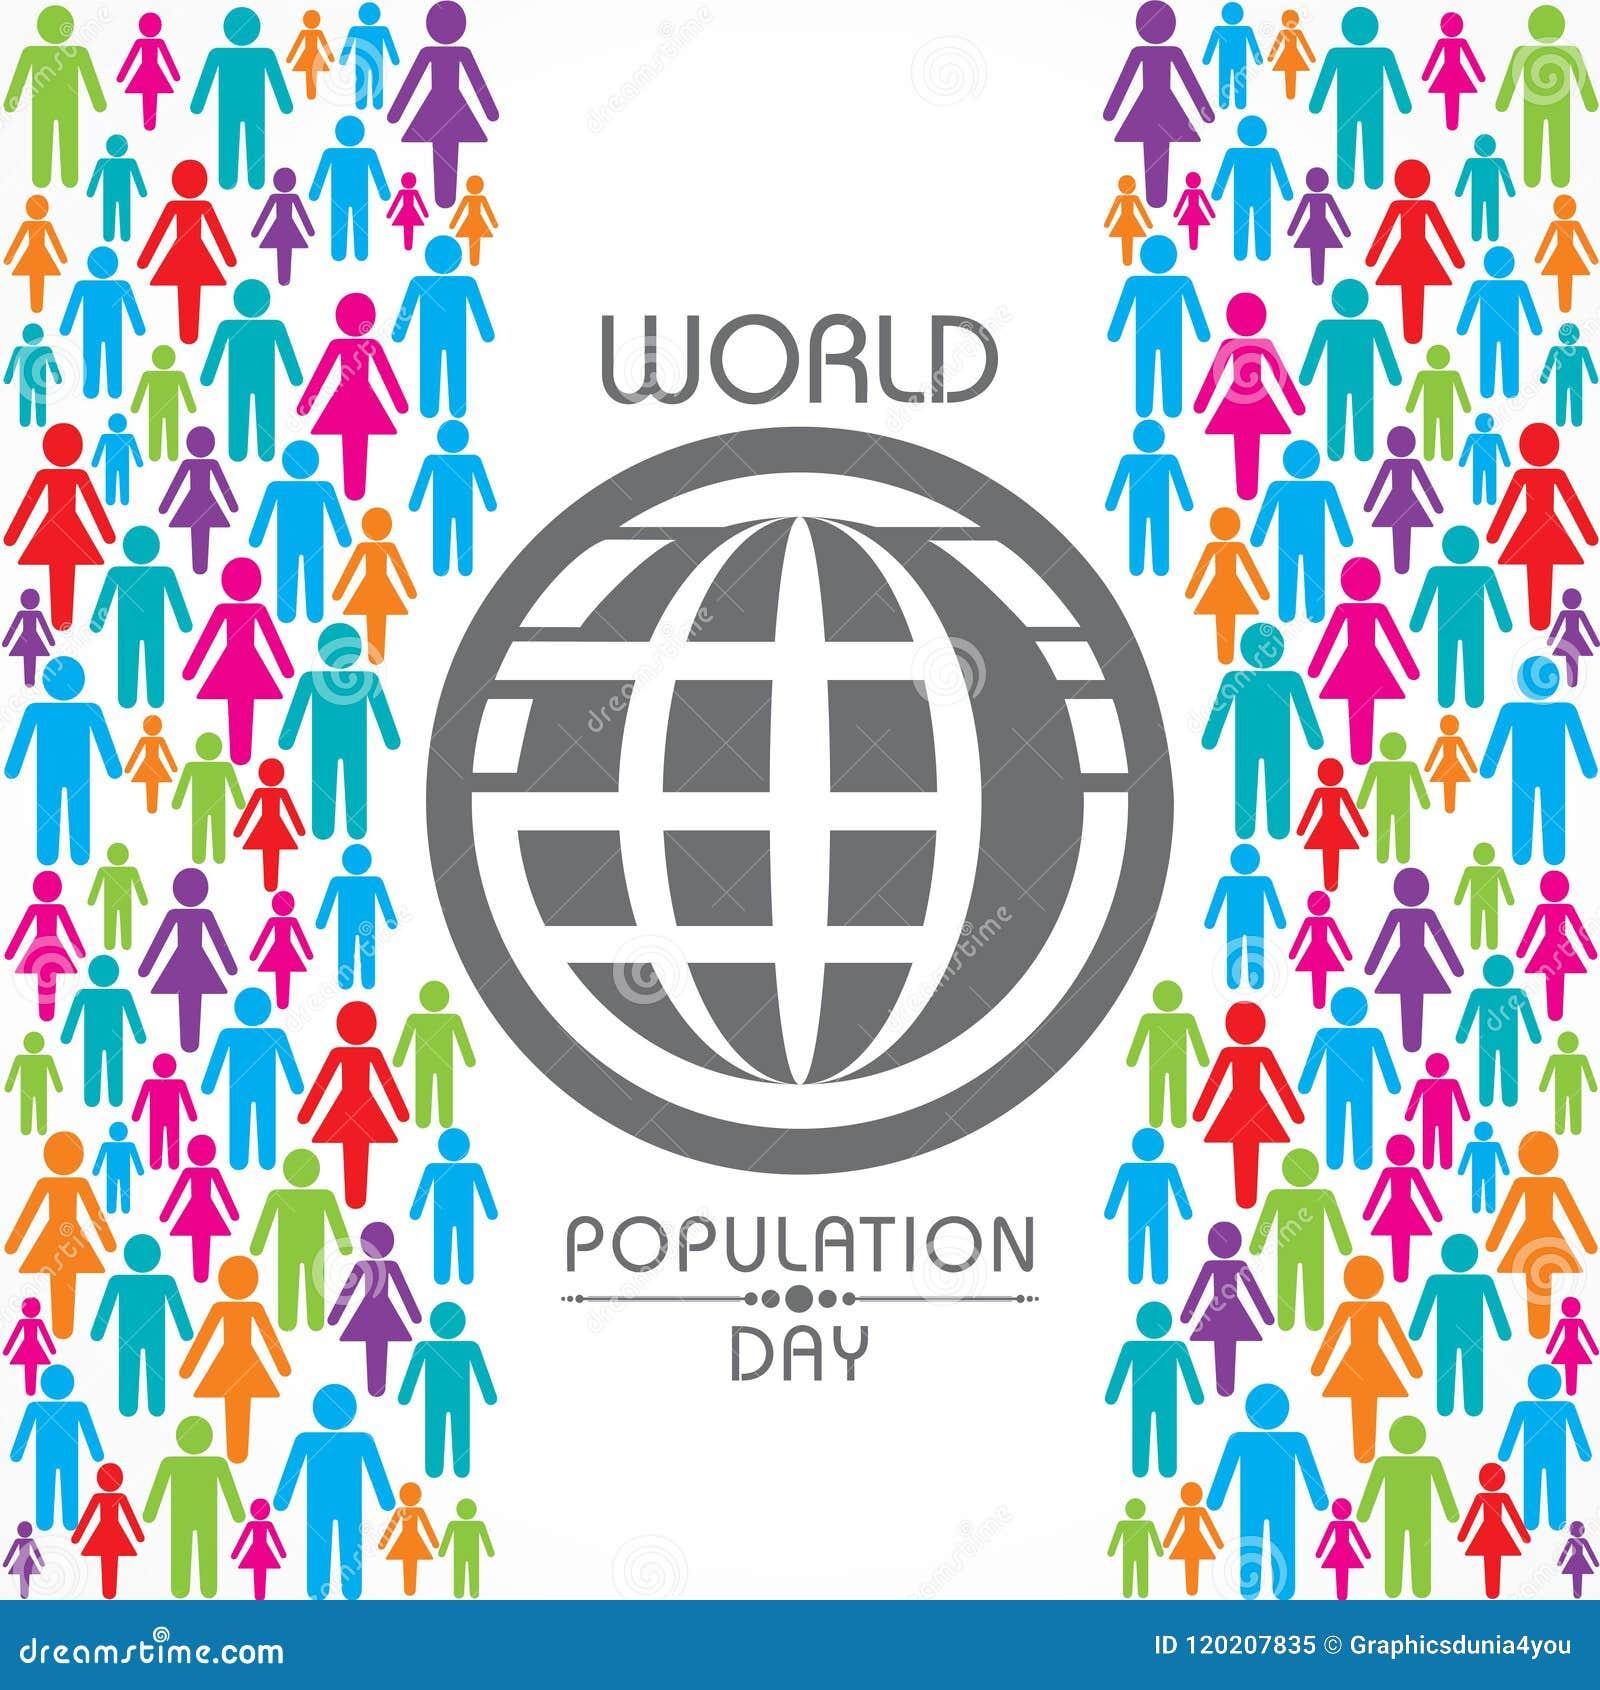 Illustration, affiche ou bannière pour le jour de population mondiale